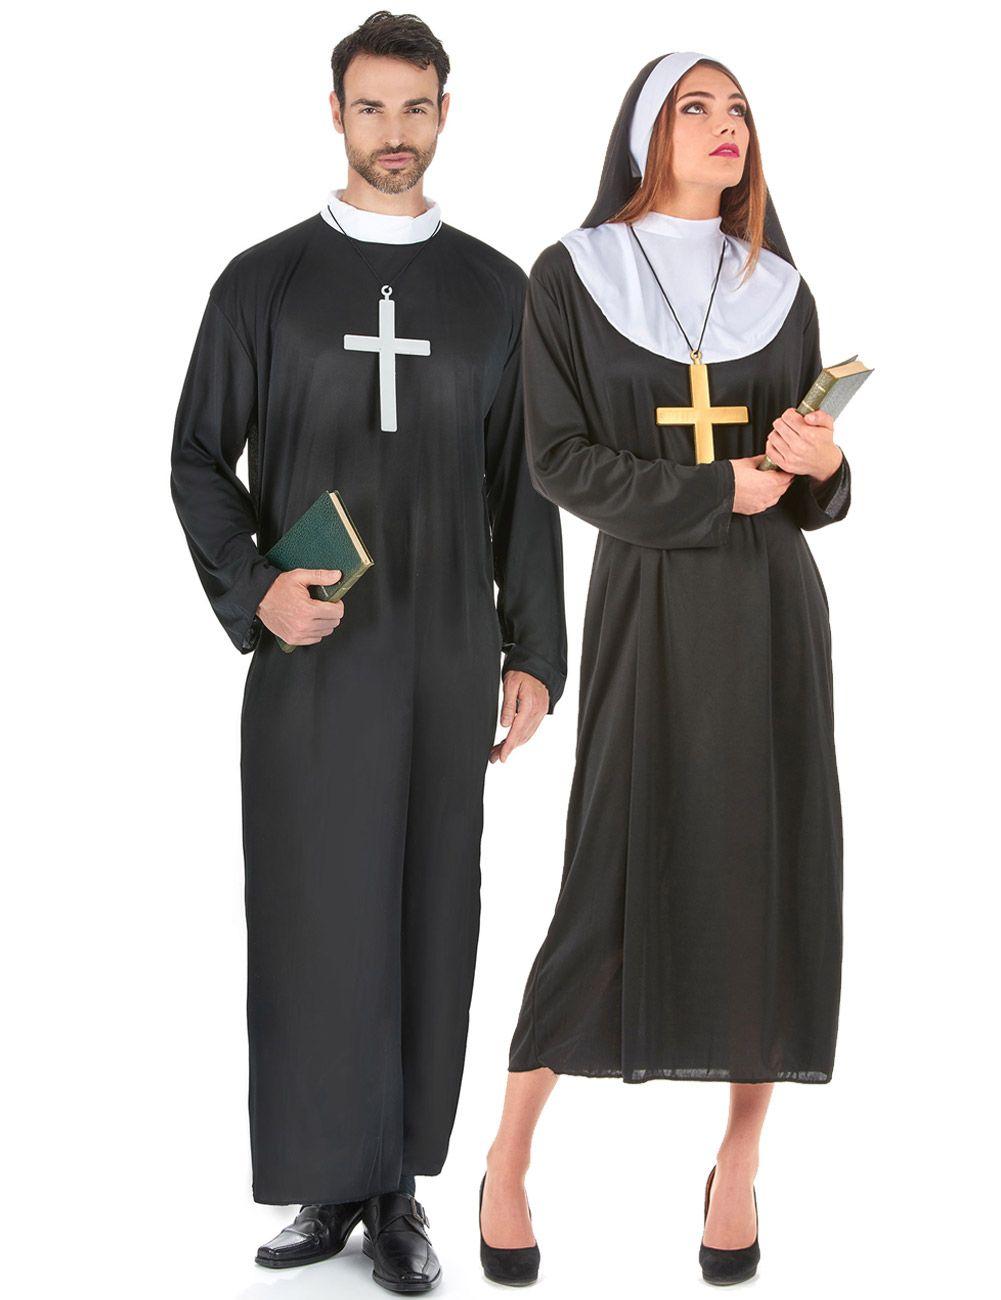 Costume di coppia suora e prete  a Carnevale o per una festa a tema 863677e2ac03